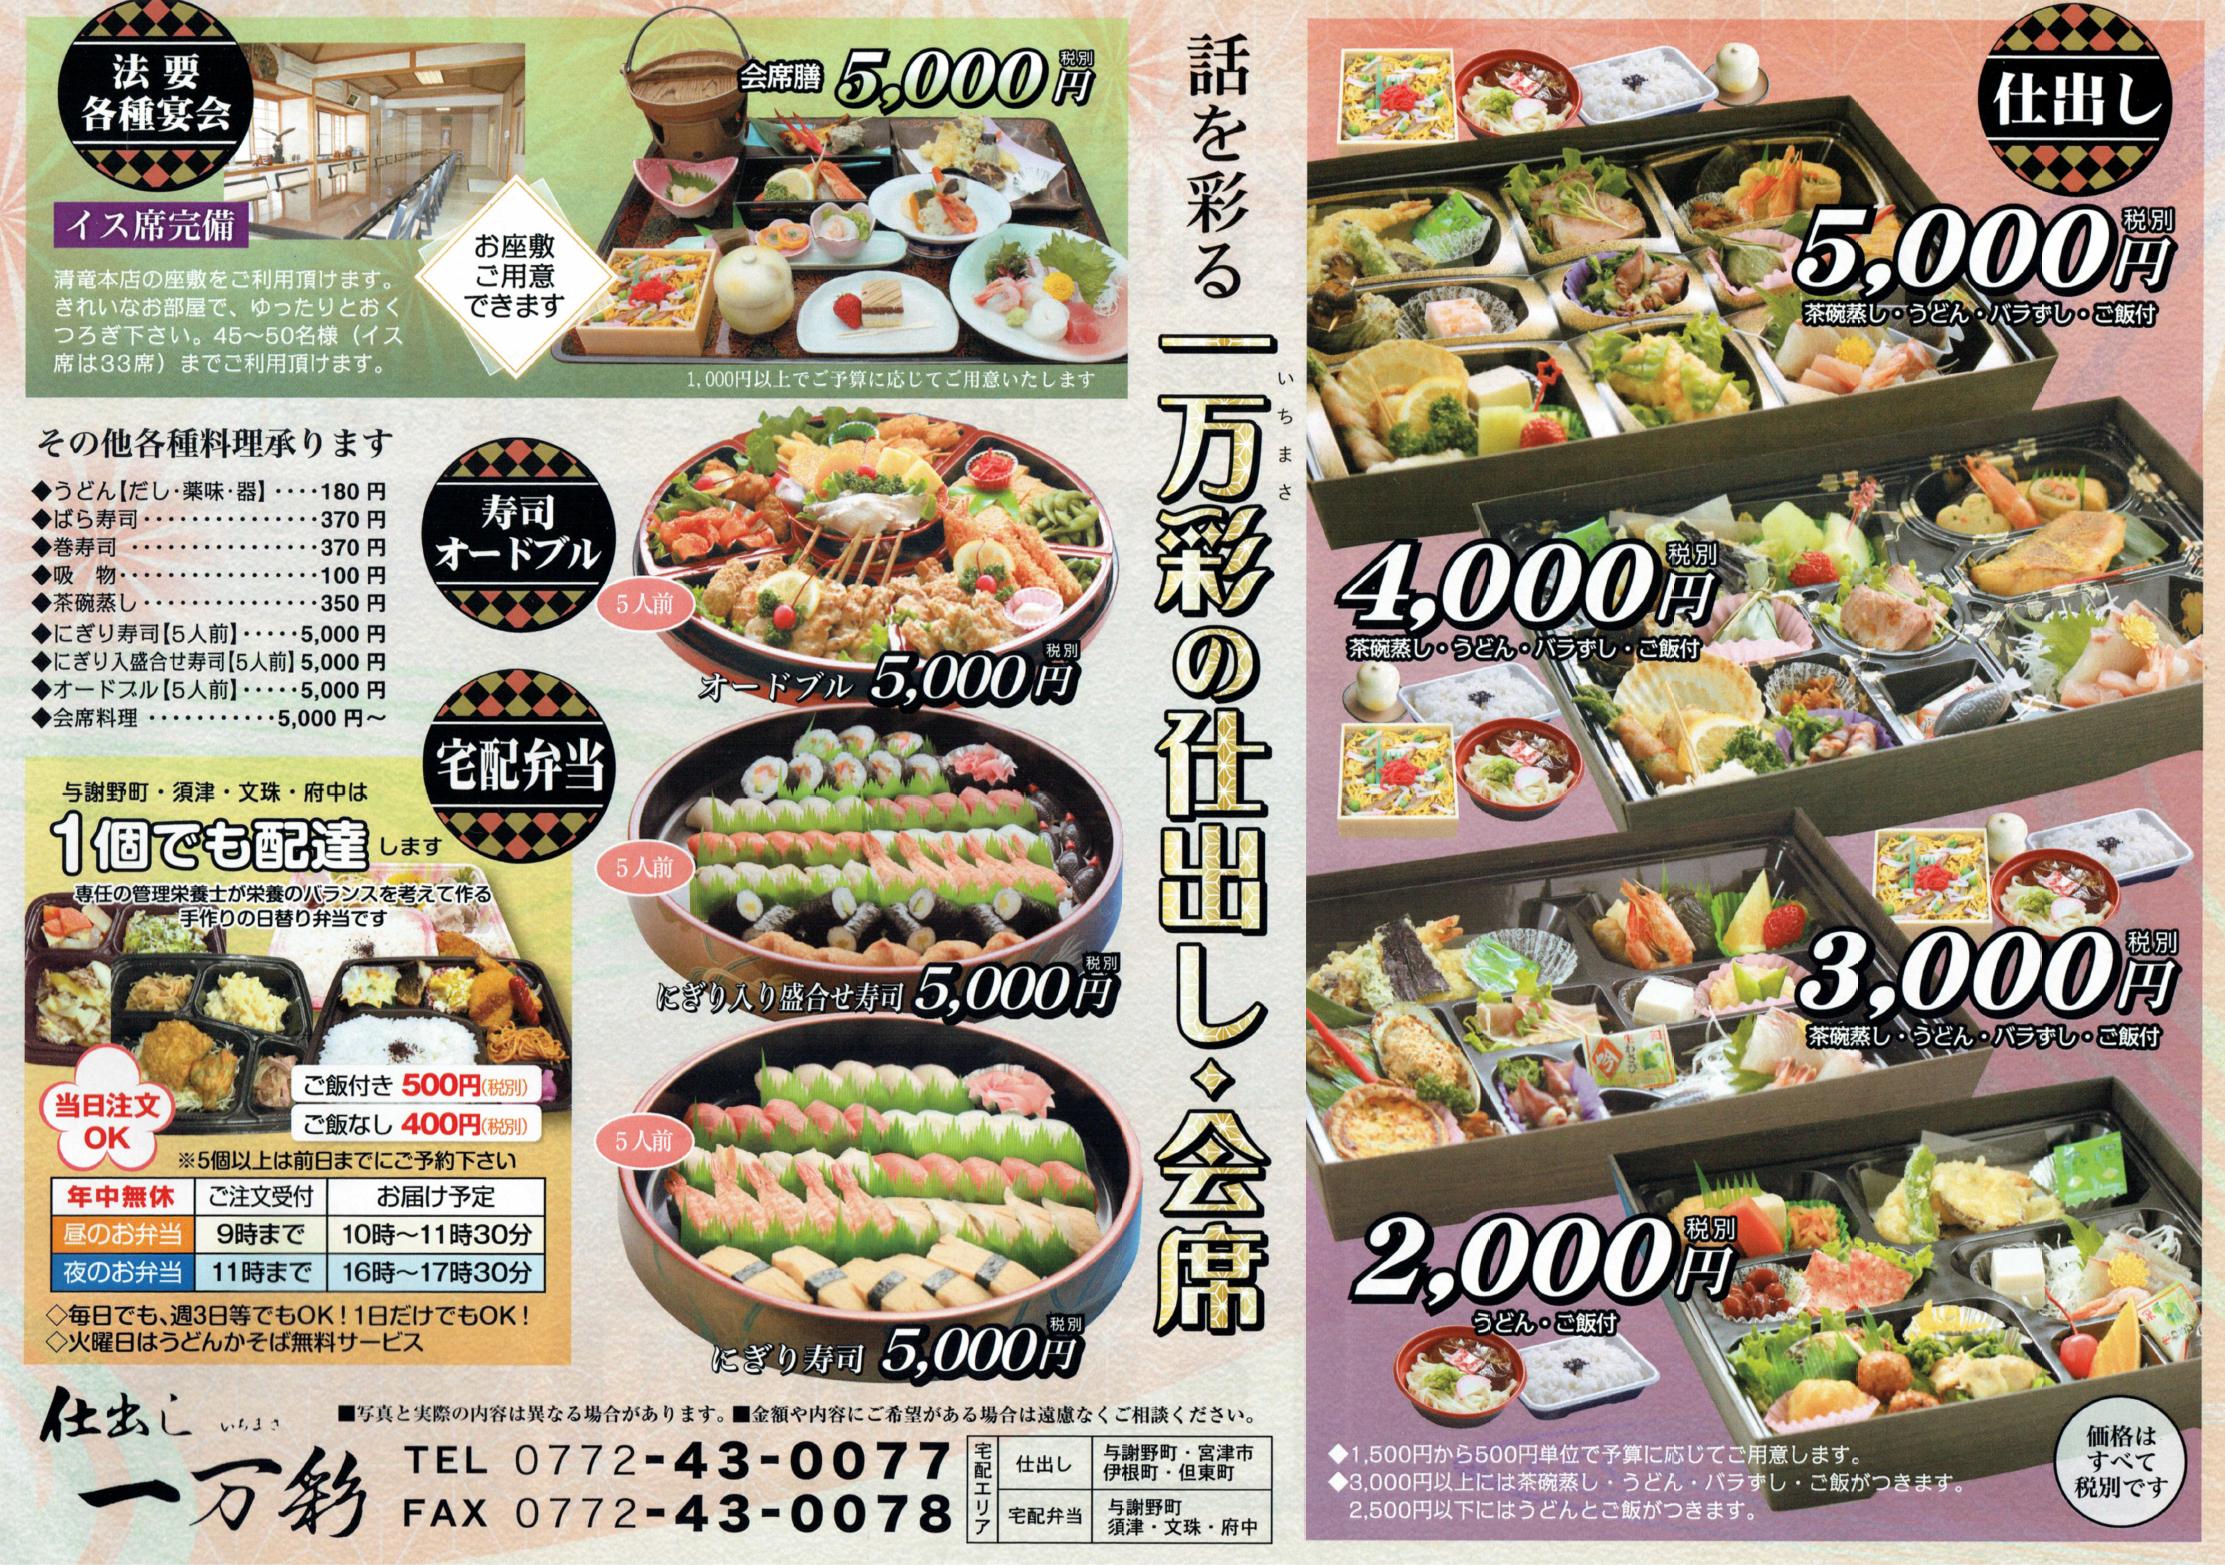 菊水食品(3)